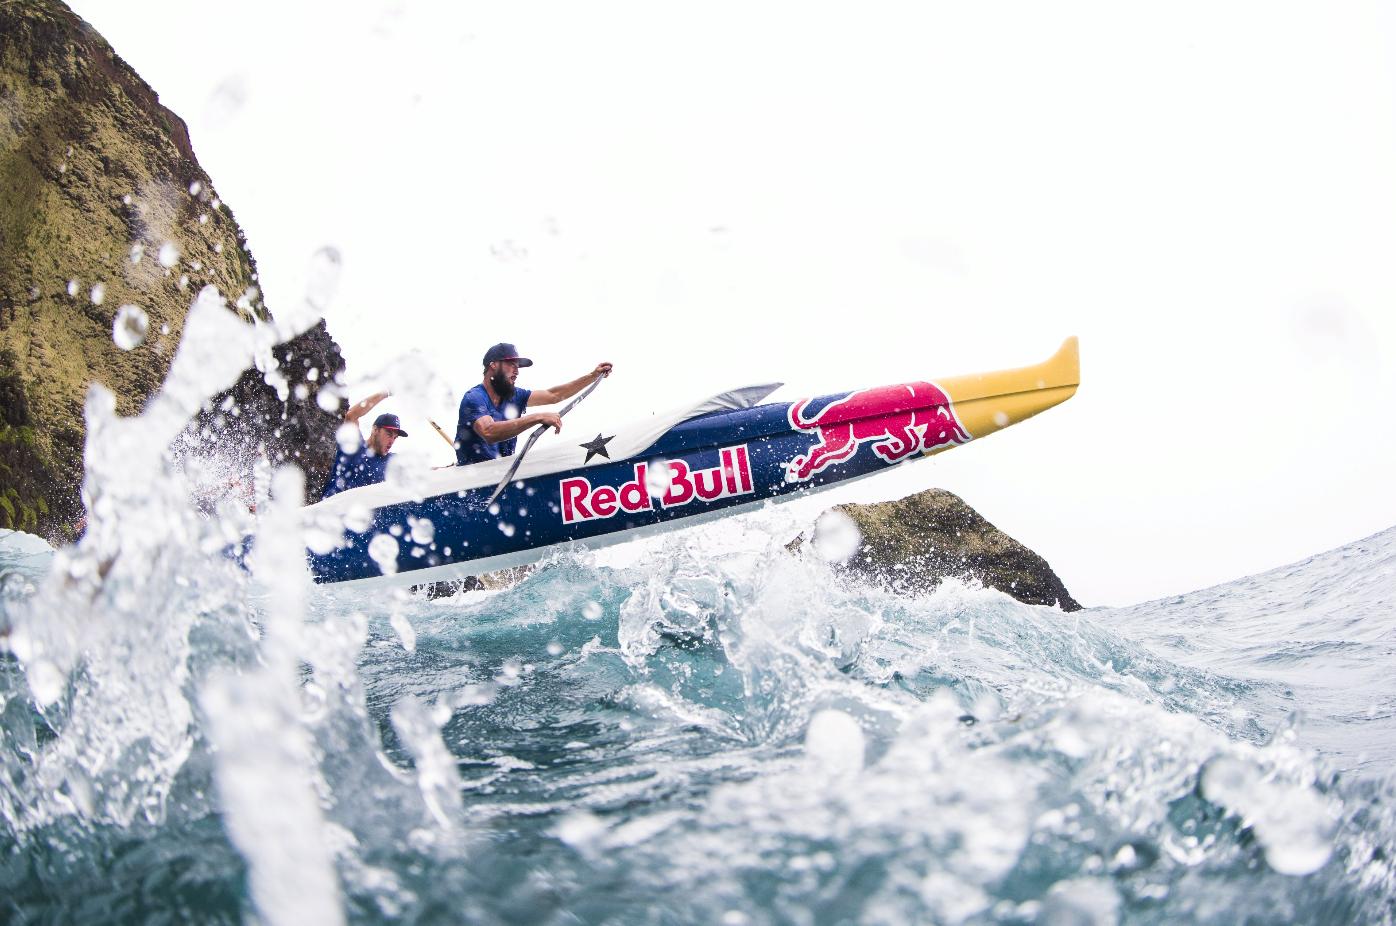 Red Bull Sport